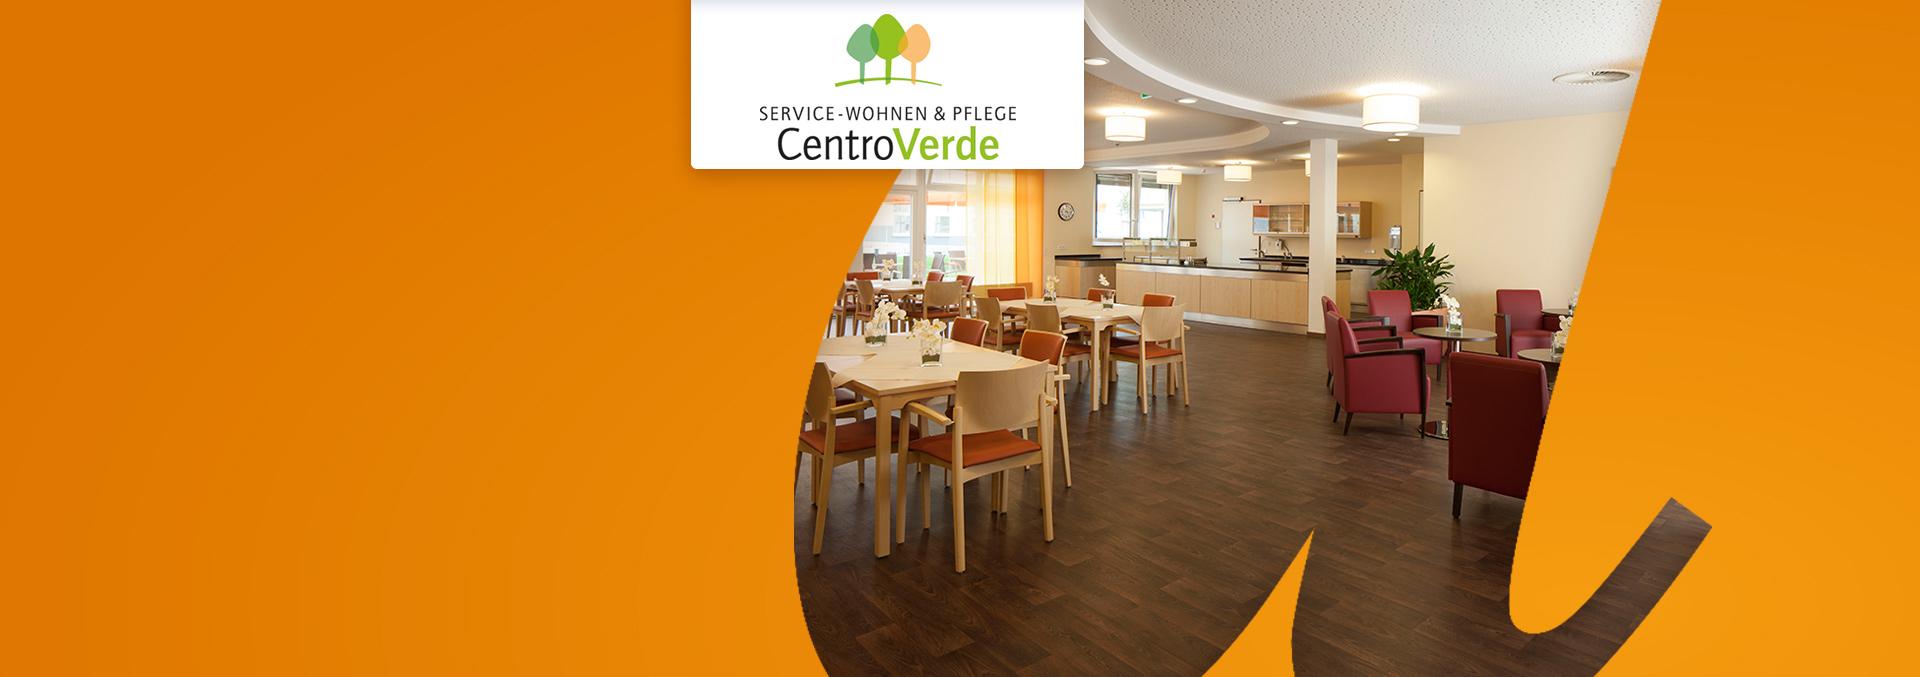 Service-Wohnen und Pflege CentroVerde: Cafeteria, dunkles Parkett, helle Wände und Sitzmöbel, rote Sessel.